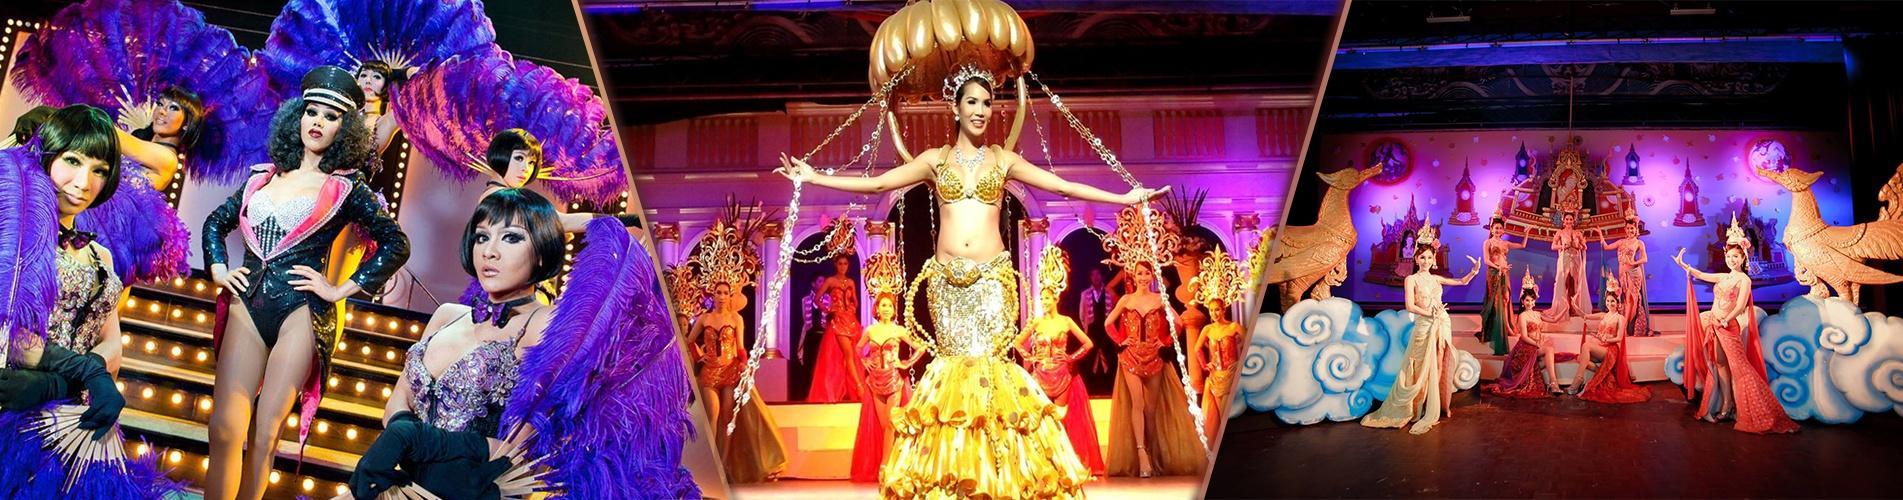 曼谷金東尼人妖表演 Golden Dome Cabaret Show